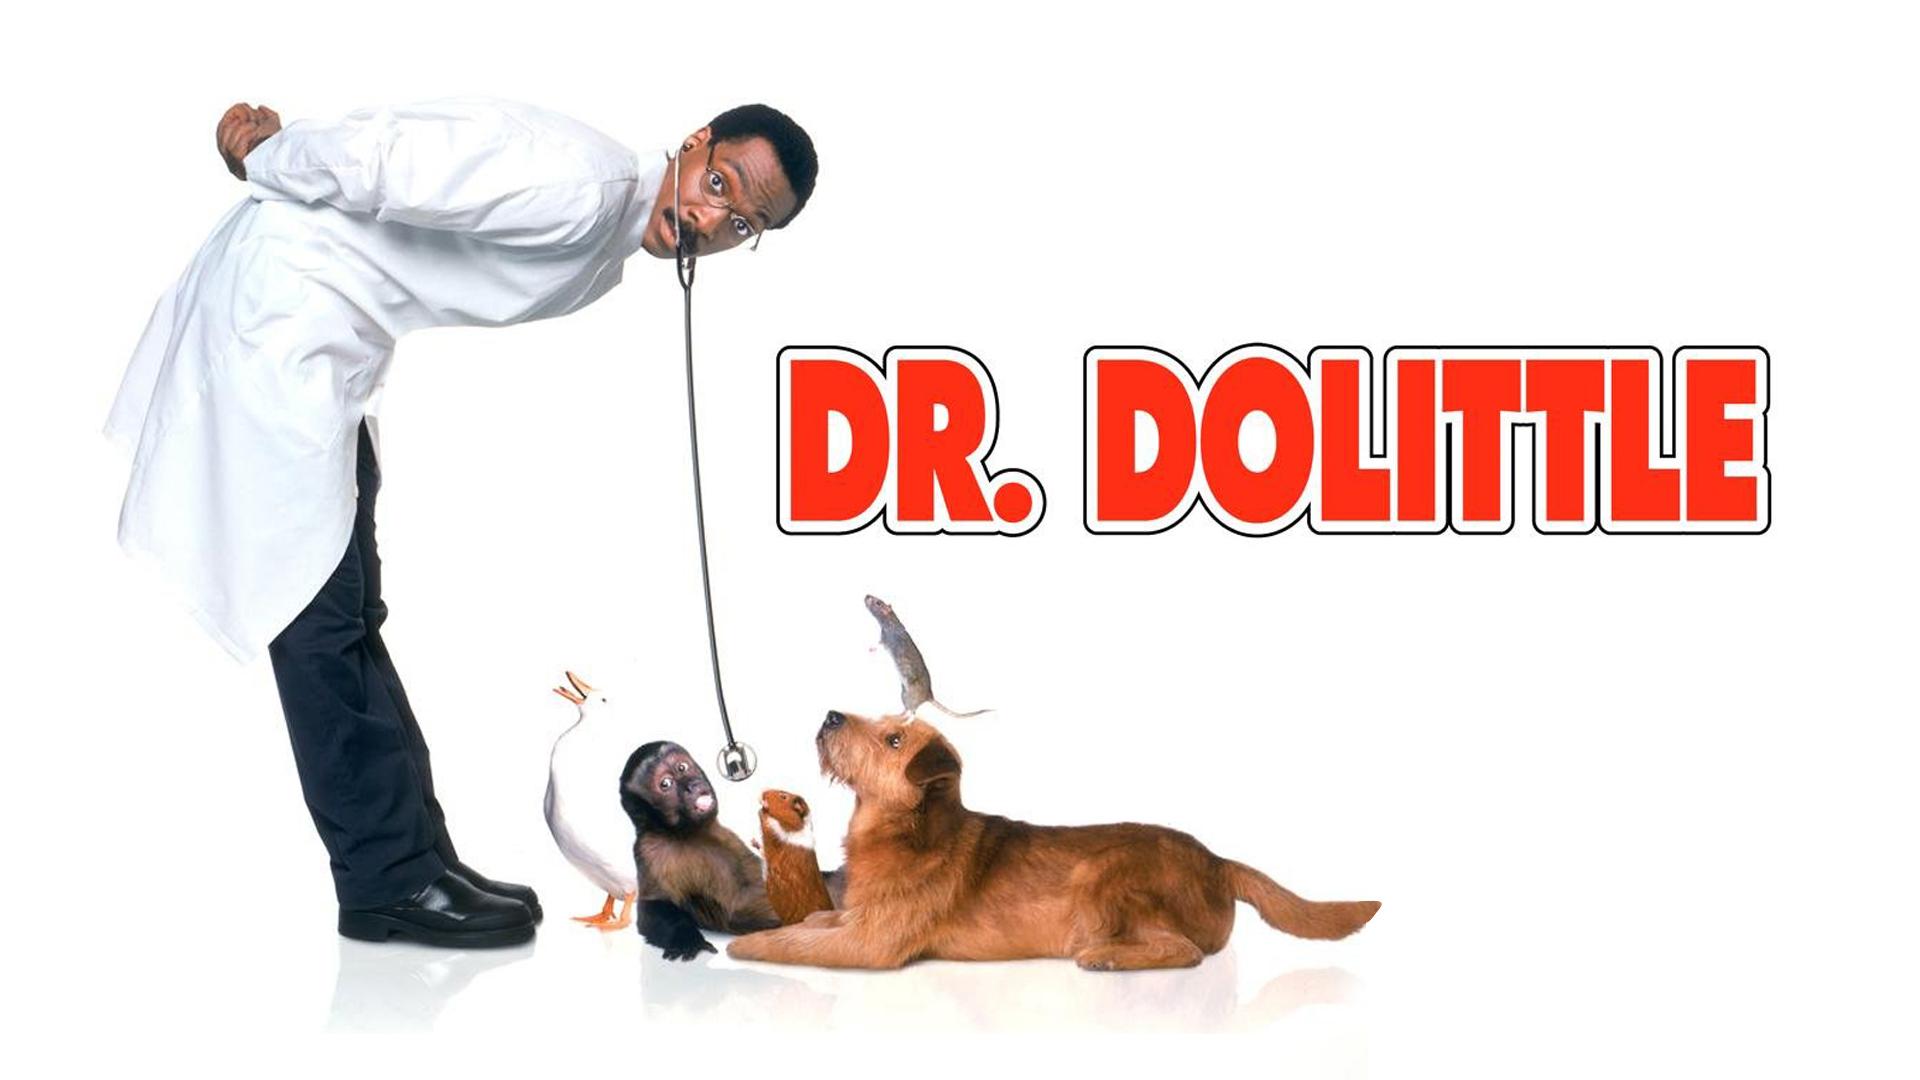 Amazon.com: Watch Dr. Dolittle 2 | Prime Video